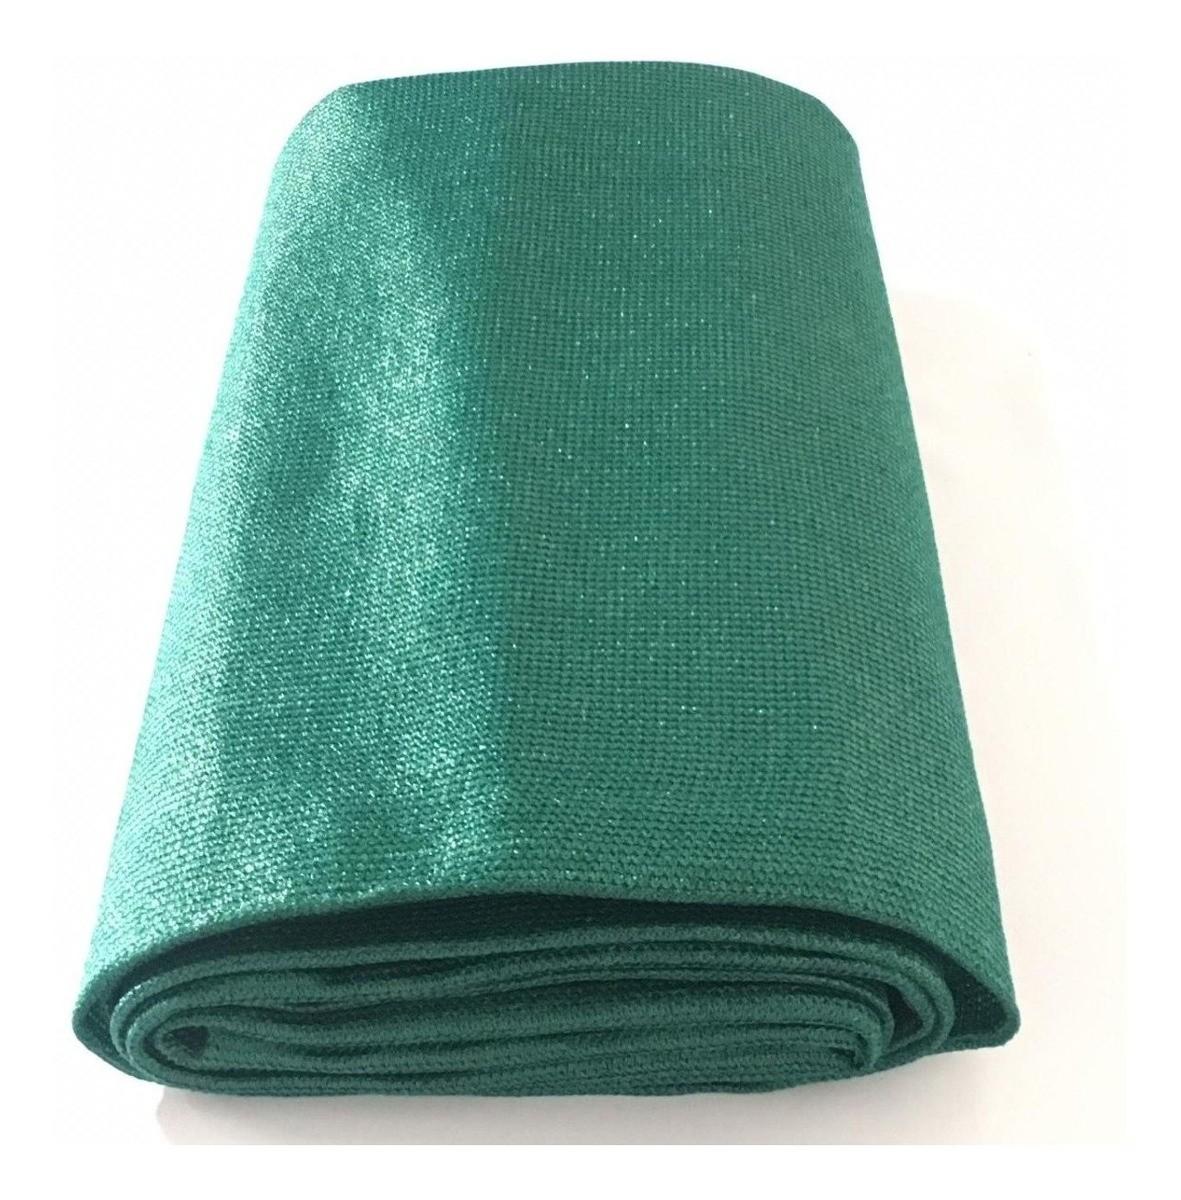 Tela Toldo Shade Decorativa Verde Com Bainha Ilhós 4x4,5m